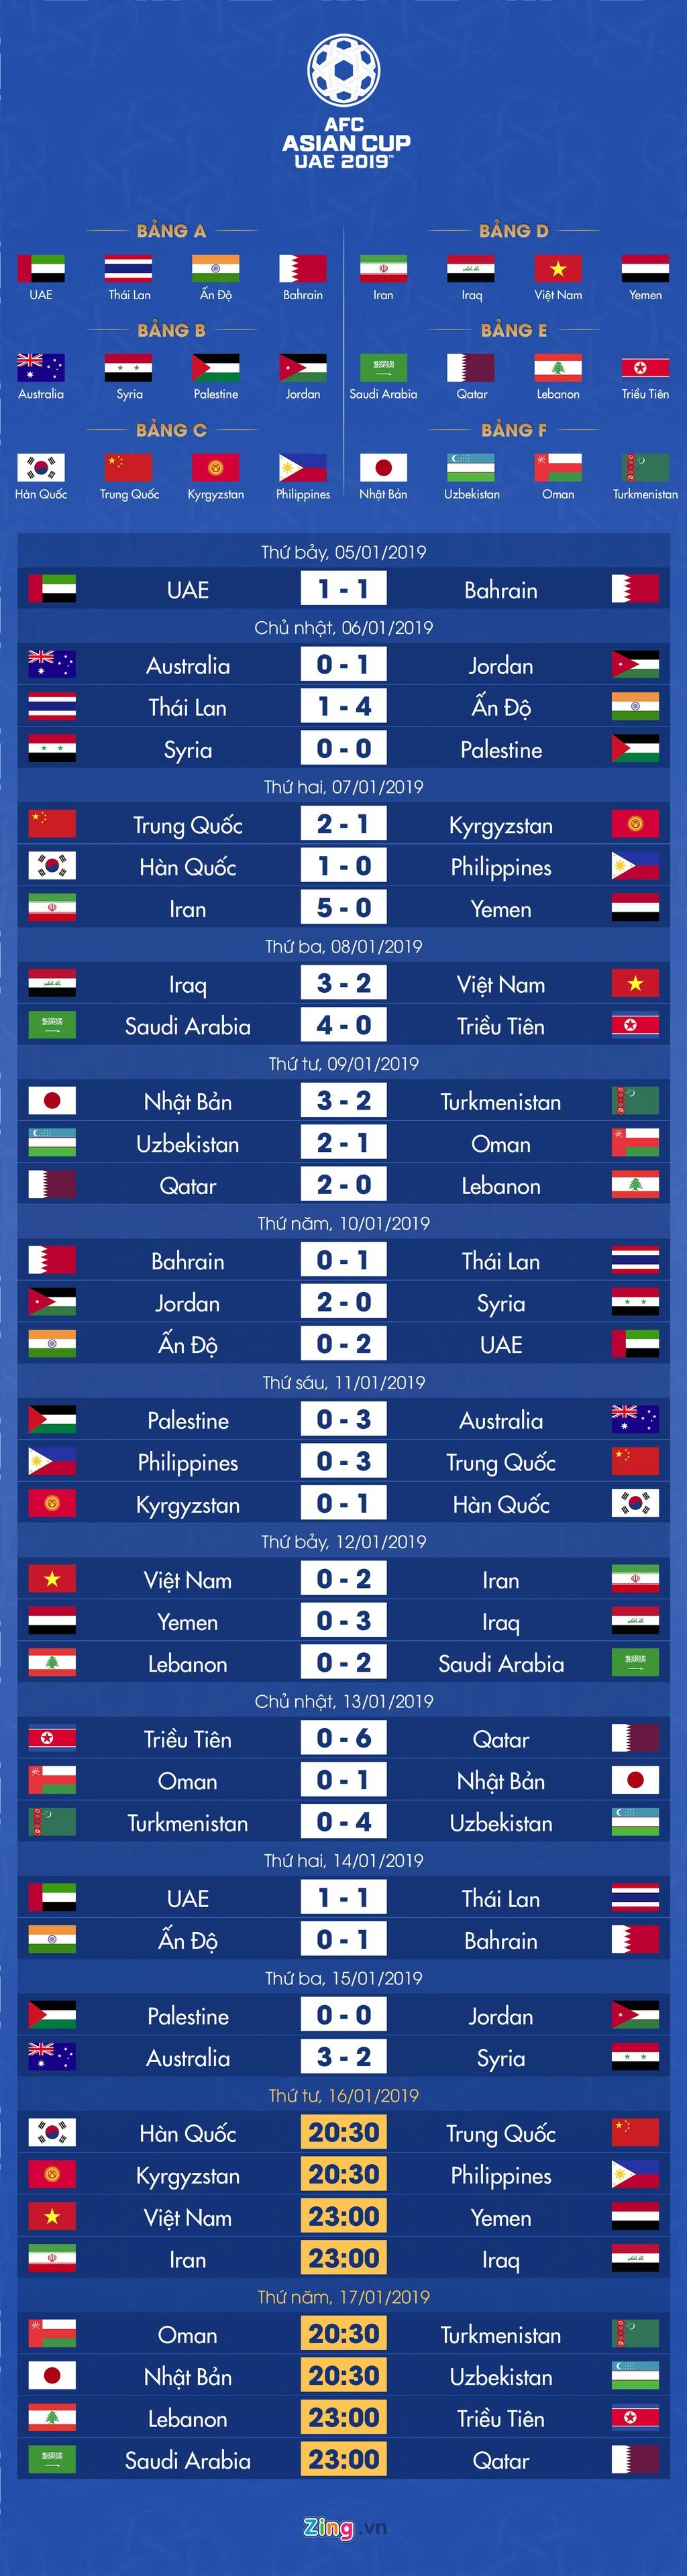 Lich thi dau va bang xep hang Asian Cup 2019 ngay 16/1 hinh anh 1